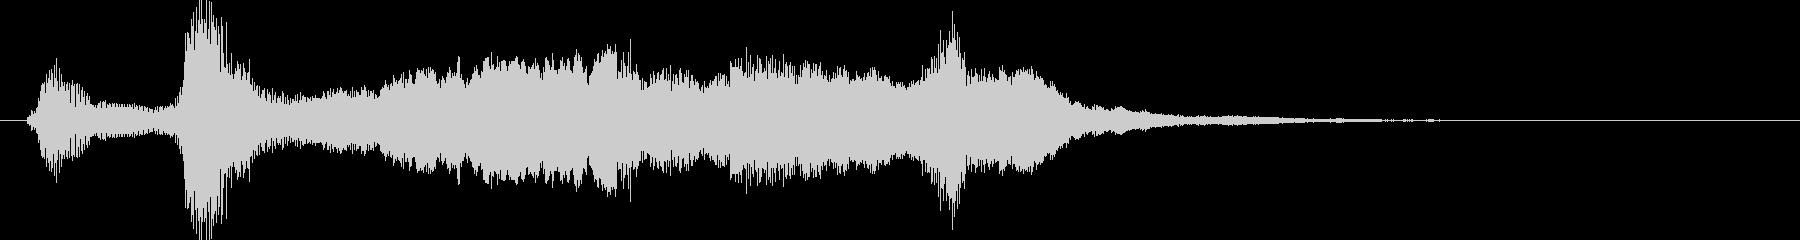 String Quartet Jingle 02 Tragedy's unreproduced waveform